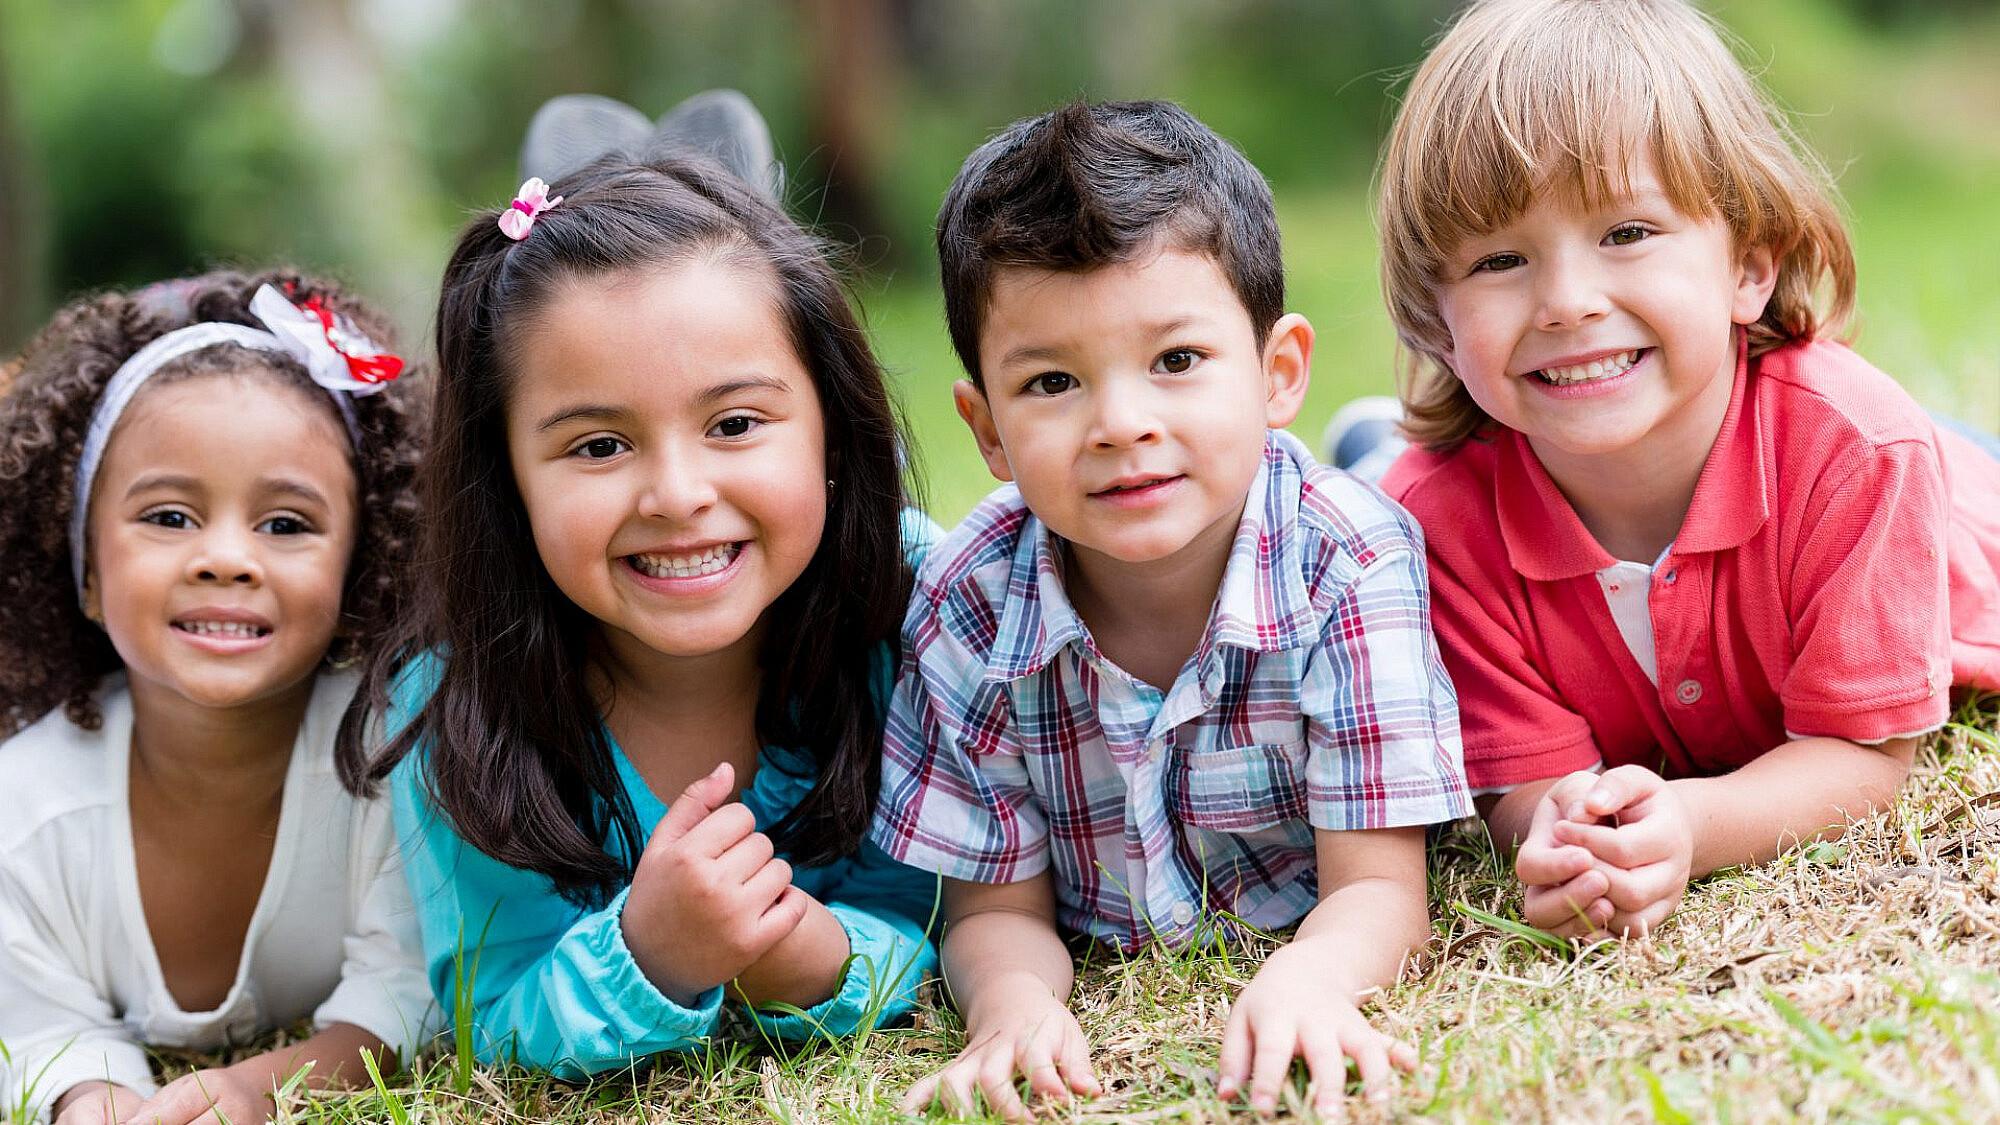 אטרקציות לילדים בחופש הגדול   צילום: shutterstock